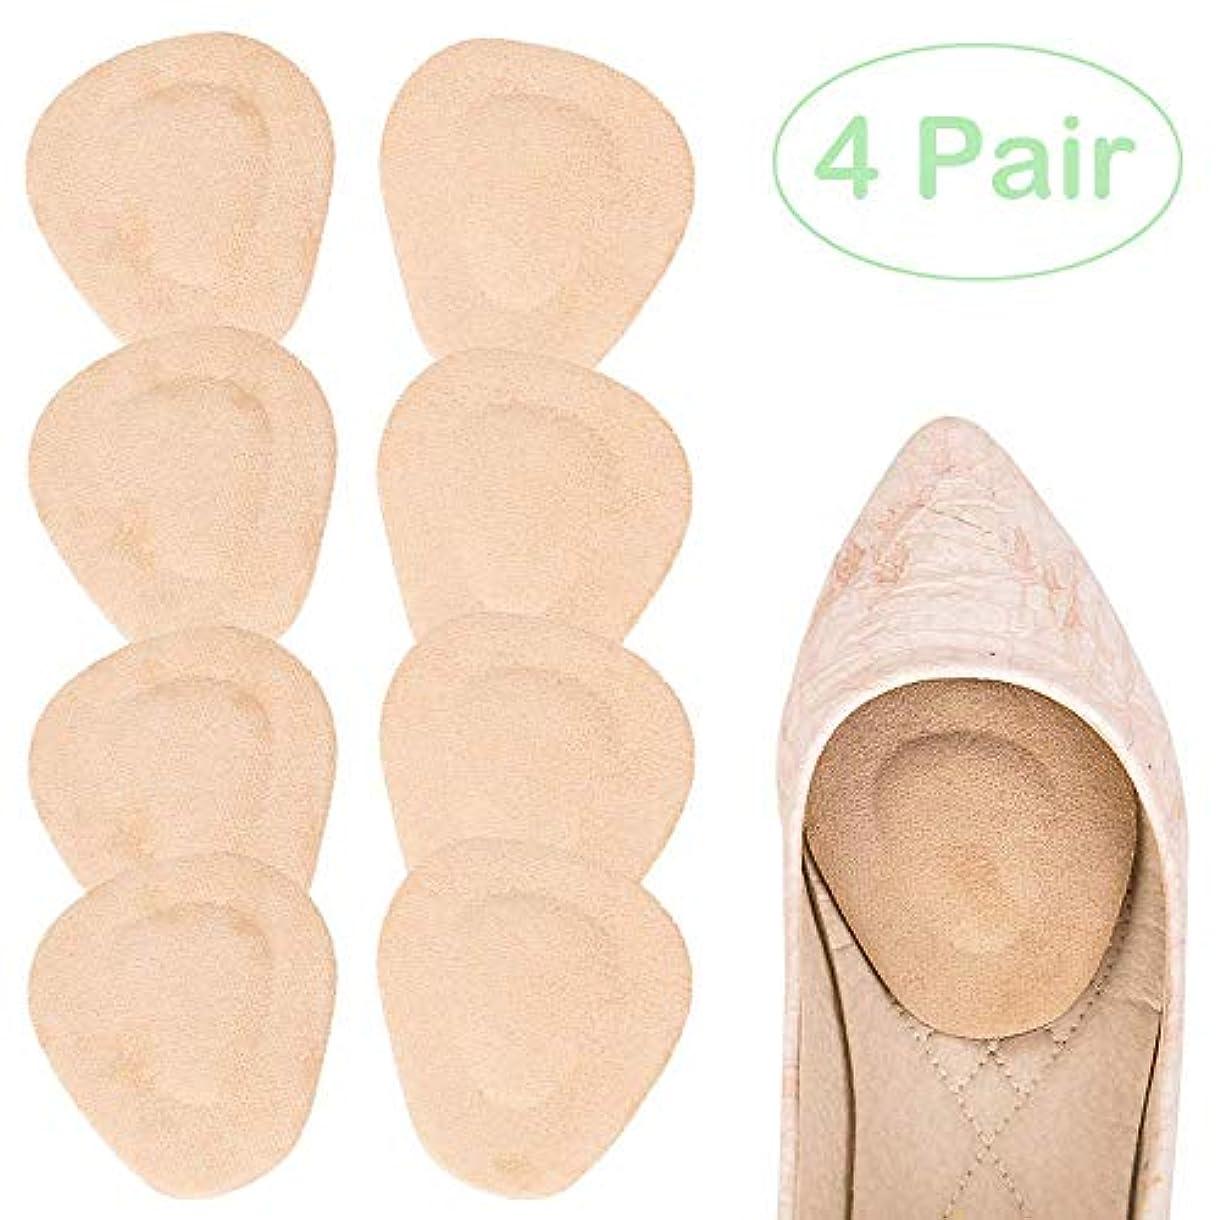 連帯名詞公式脛骨パッド 脛パッド、中足骨の痛みを緩和するクッション、足のパッドと靴の挿入矯正具、中足骨痛の局所疼痛緩和、足のクッション、モートン神経腫のインソール。